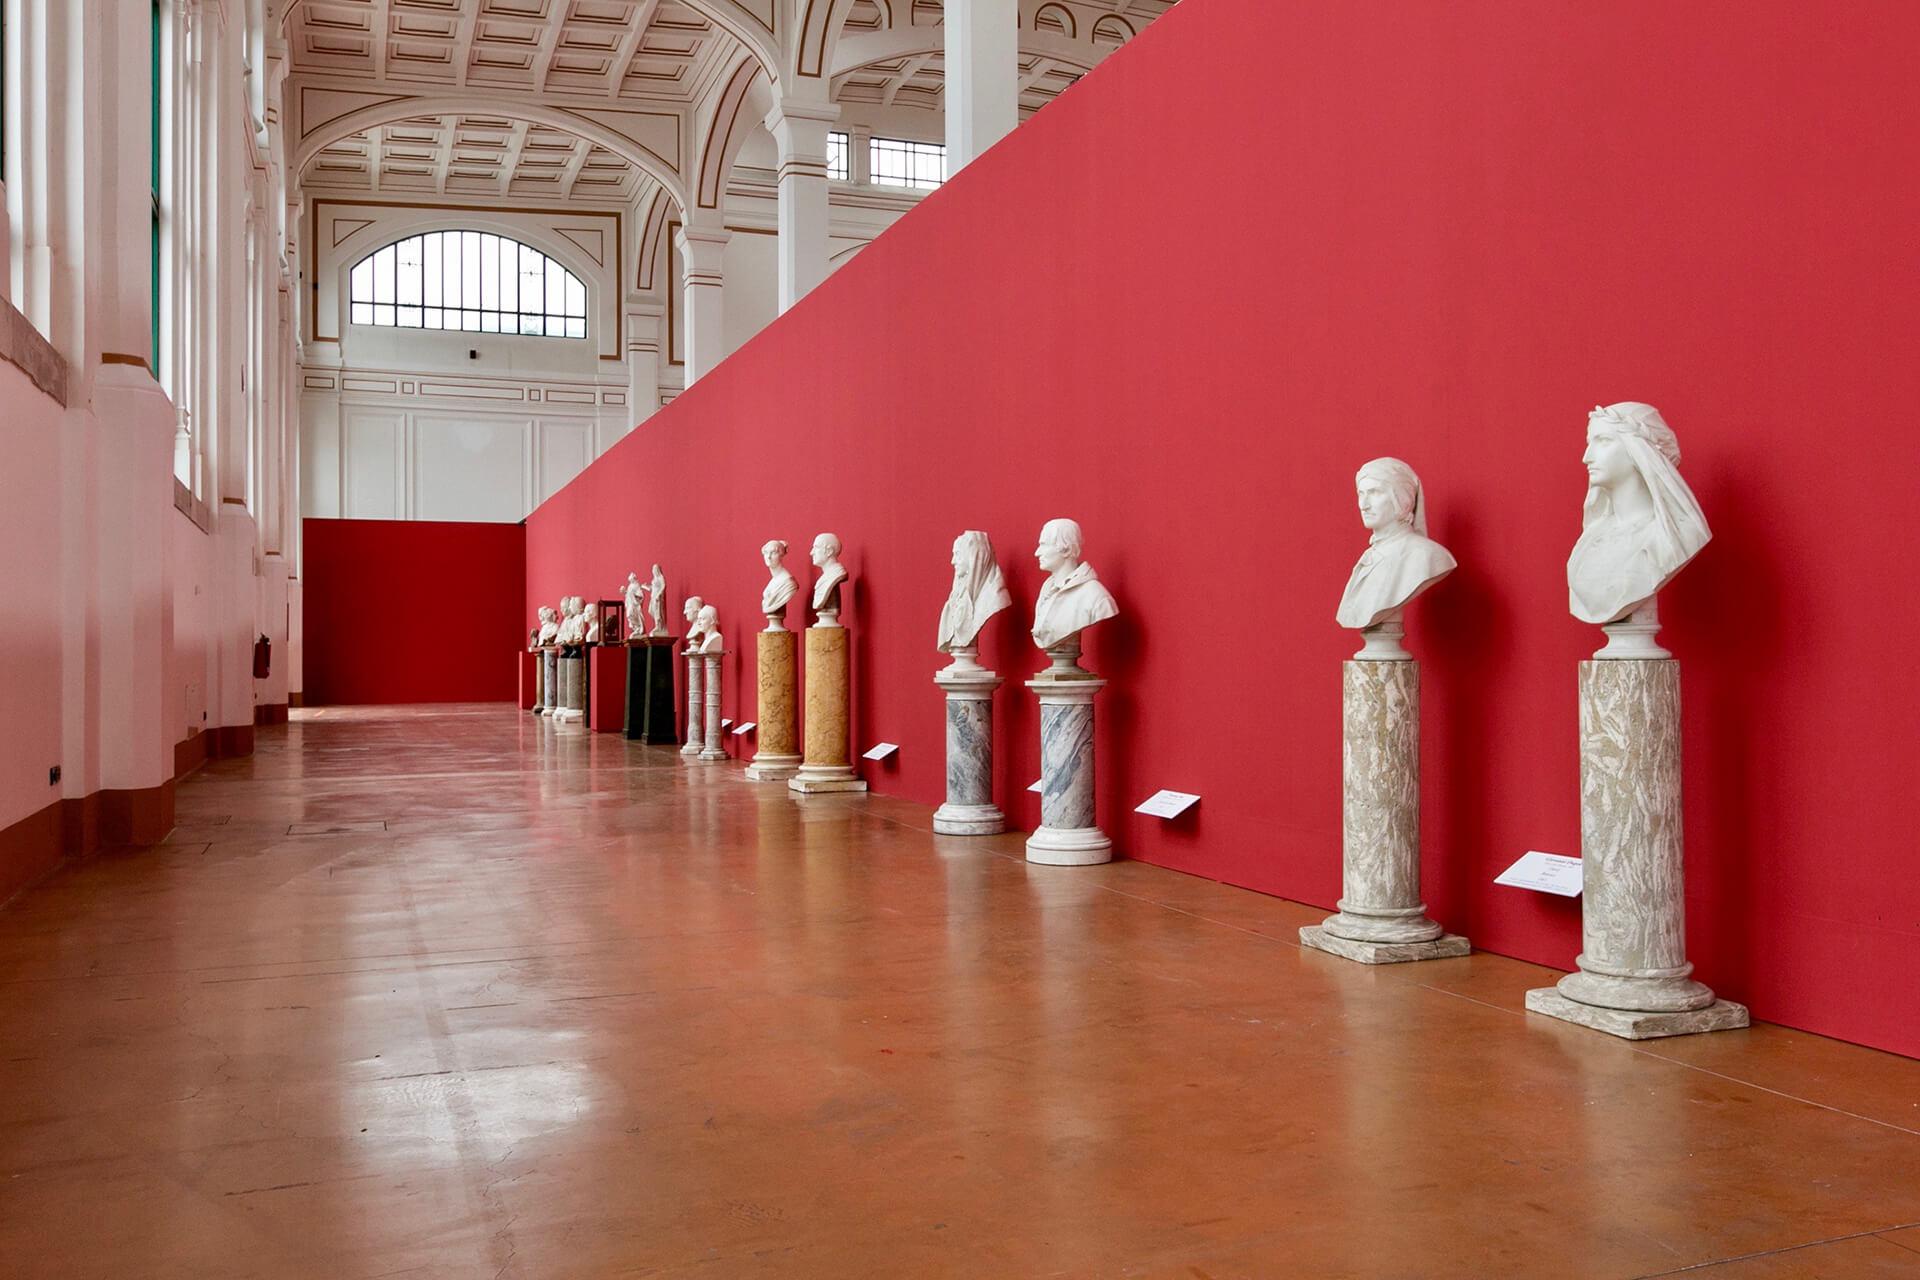 Allestimenti Grafox - Musei e Mostre - Le stanze segrete di Vittorio Sgarbi- Trieste